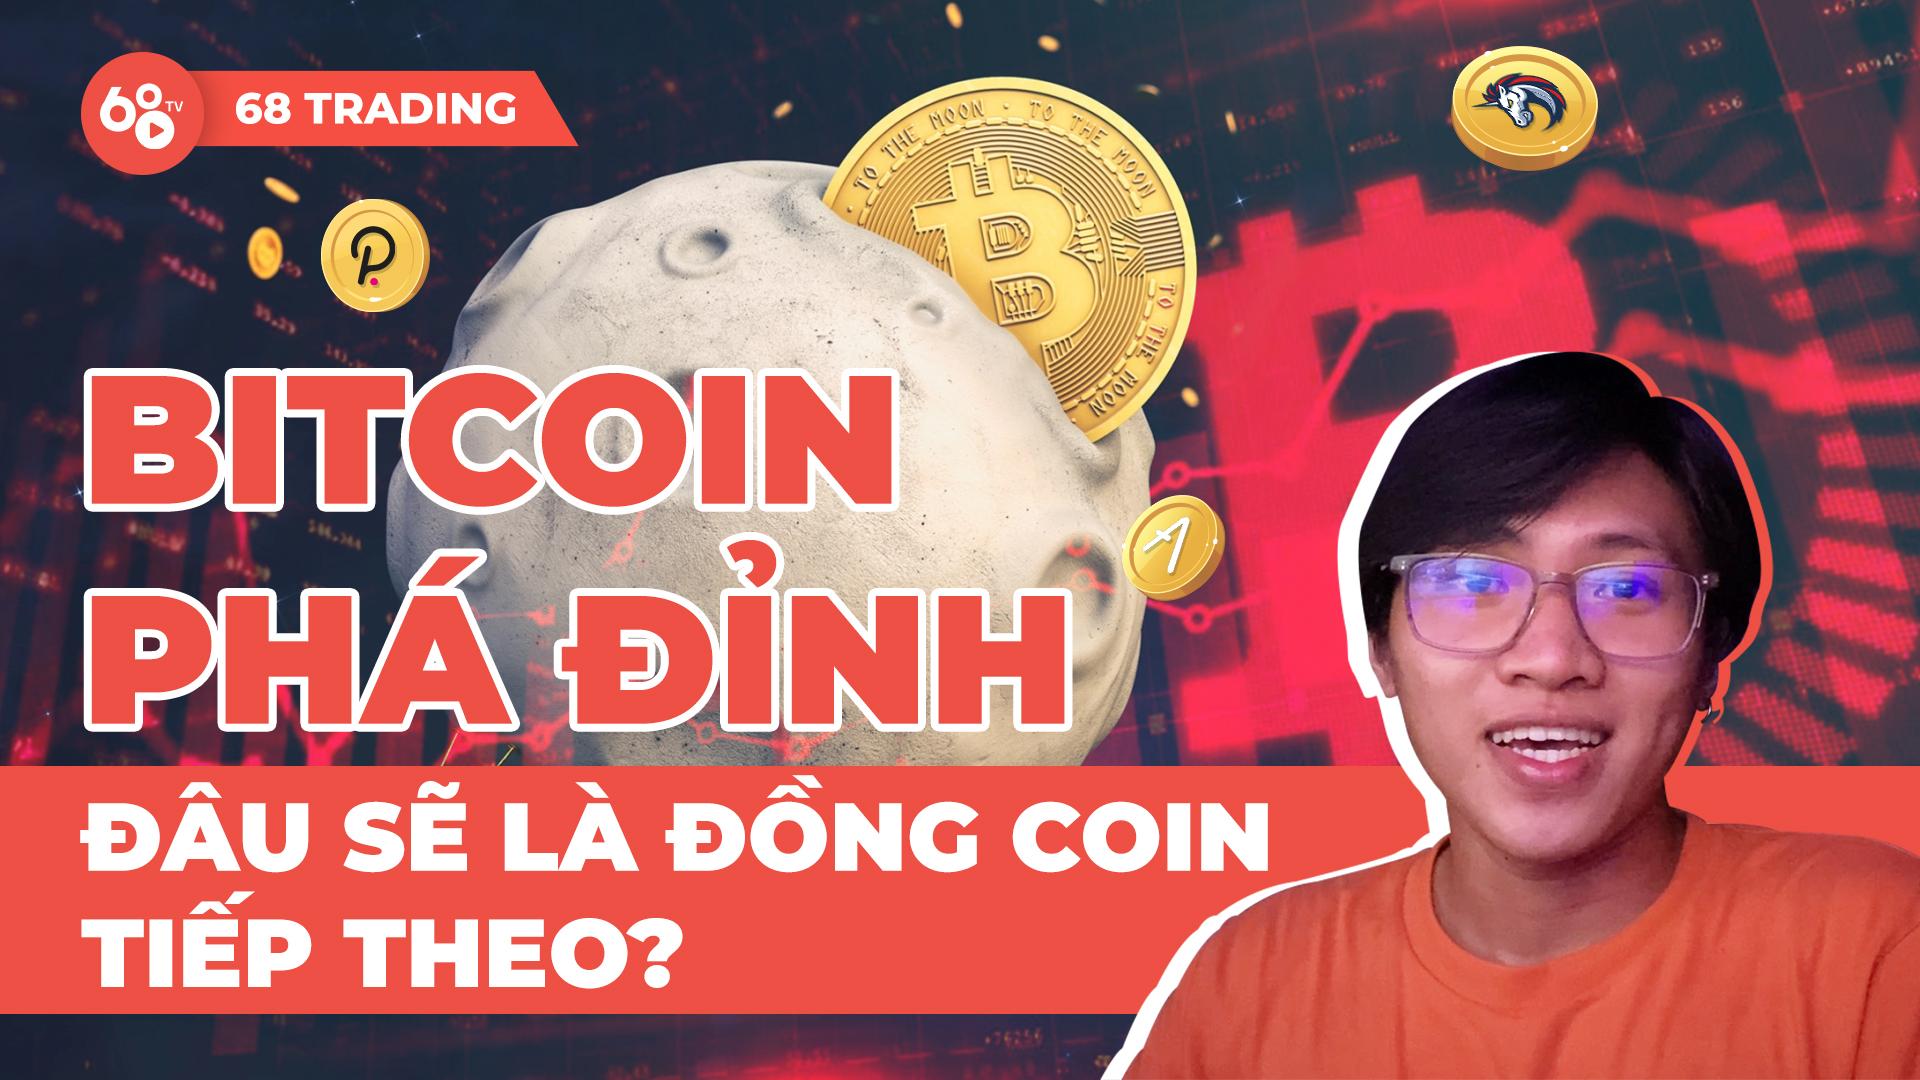 Bitcoin phá đỉnh, Altcoins nào sẽ theo sau? Phân tích những đồng coin DeFi tiềm năng nhất thị trường